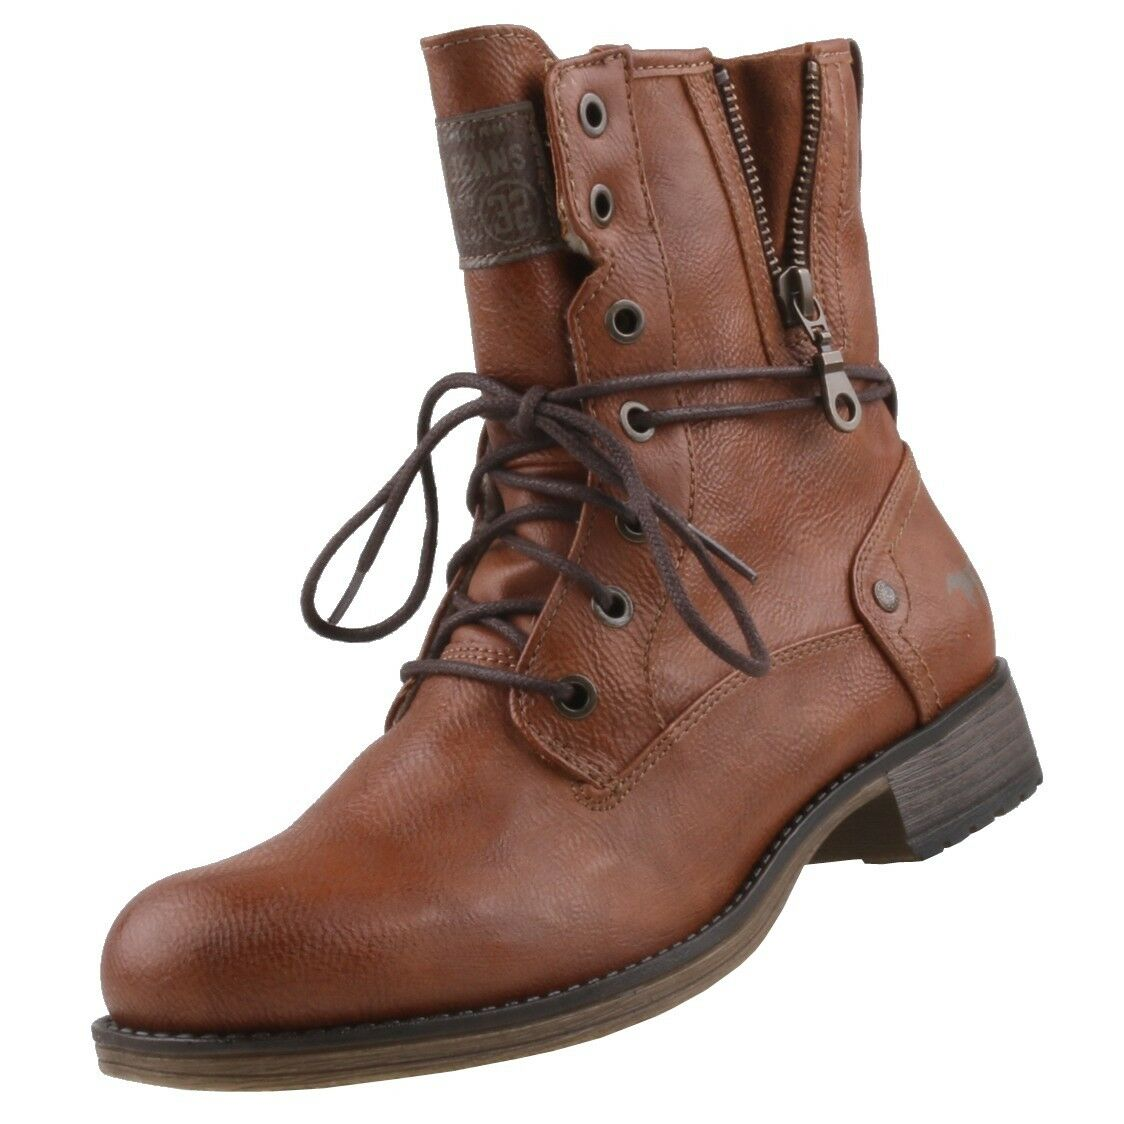 NEU Mustang Damenschuhe Schuhe Stiefeletten gefüttert Stiefel Stiefel Damenstiefel